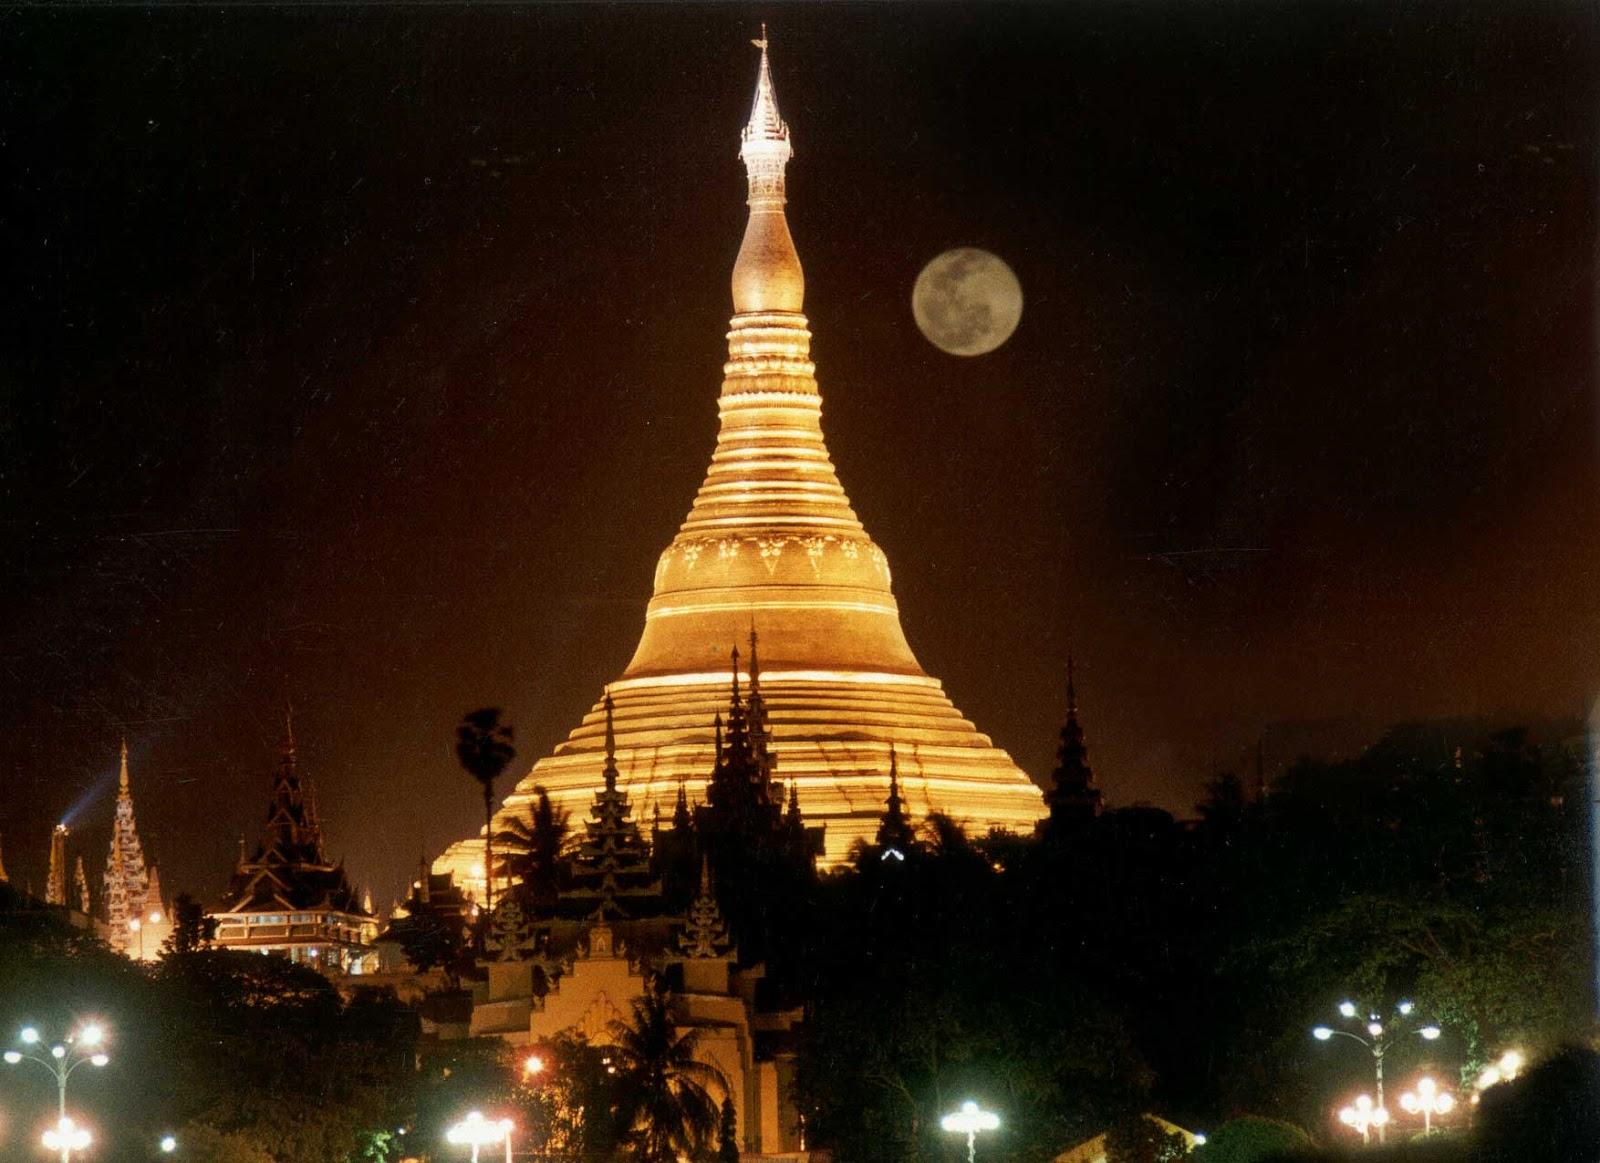 http://1.bp.blogspot.com/-_Bmfj_ue46o/UK0bllyXabI/AAAAAAAA2mg/CB89ie35_FY/s1600/Shwedagon-Pagoda-wallpaper+beauty-places.com+azamara.jpg